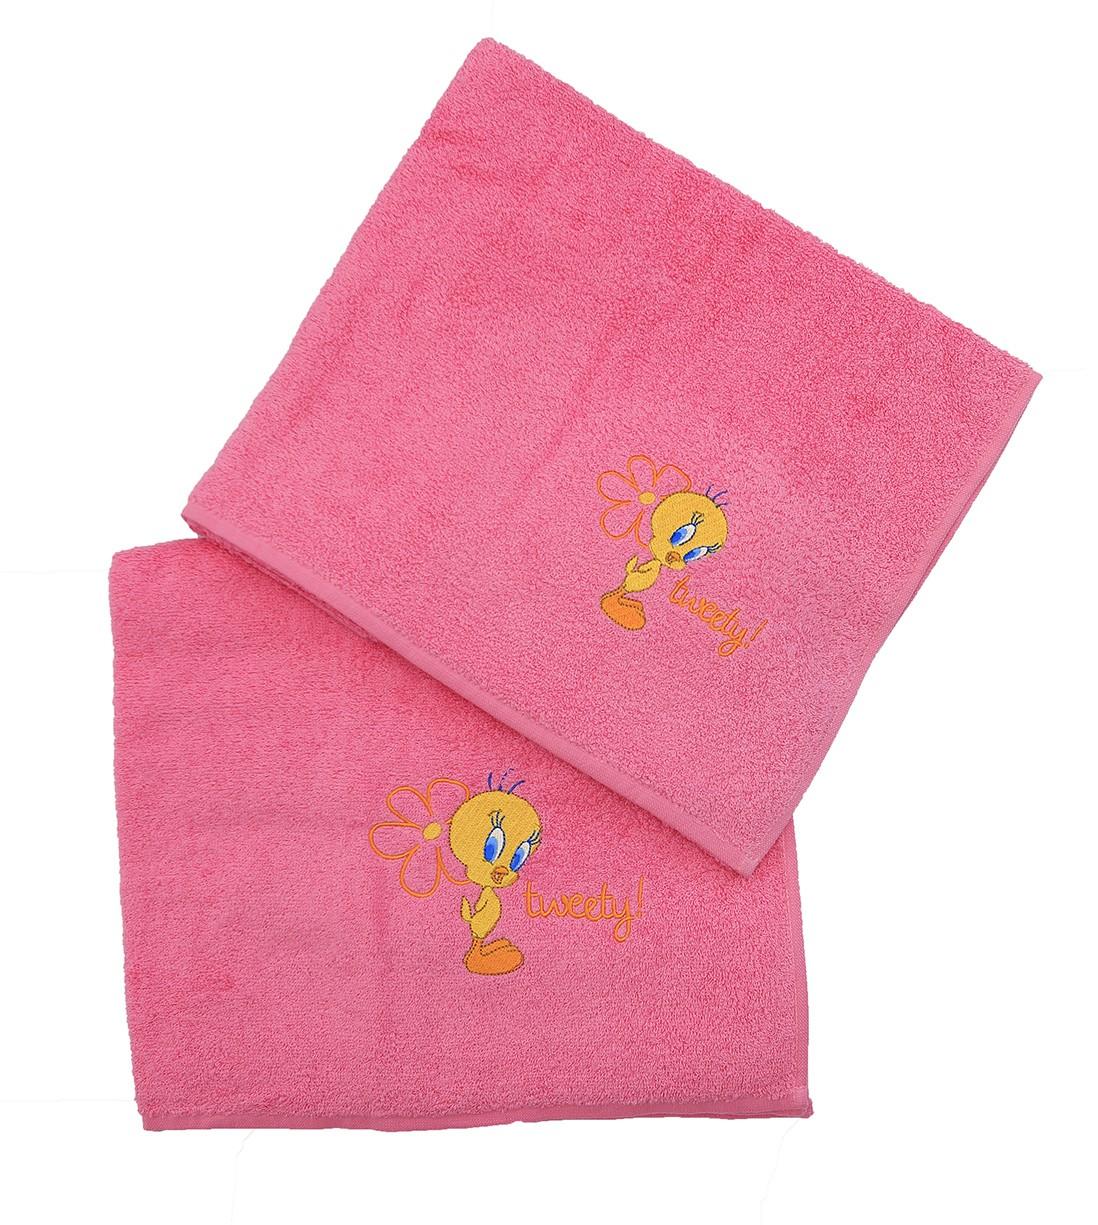 Παιδικές Πετσέτες (Σετ 2τμχ) Viopros PR. Tweety Collection